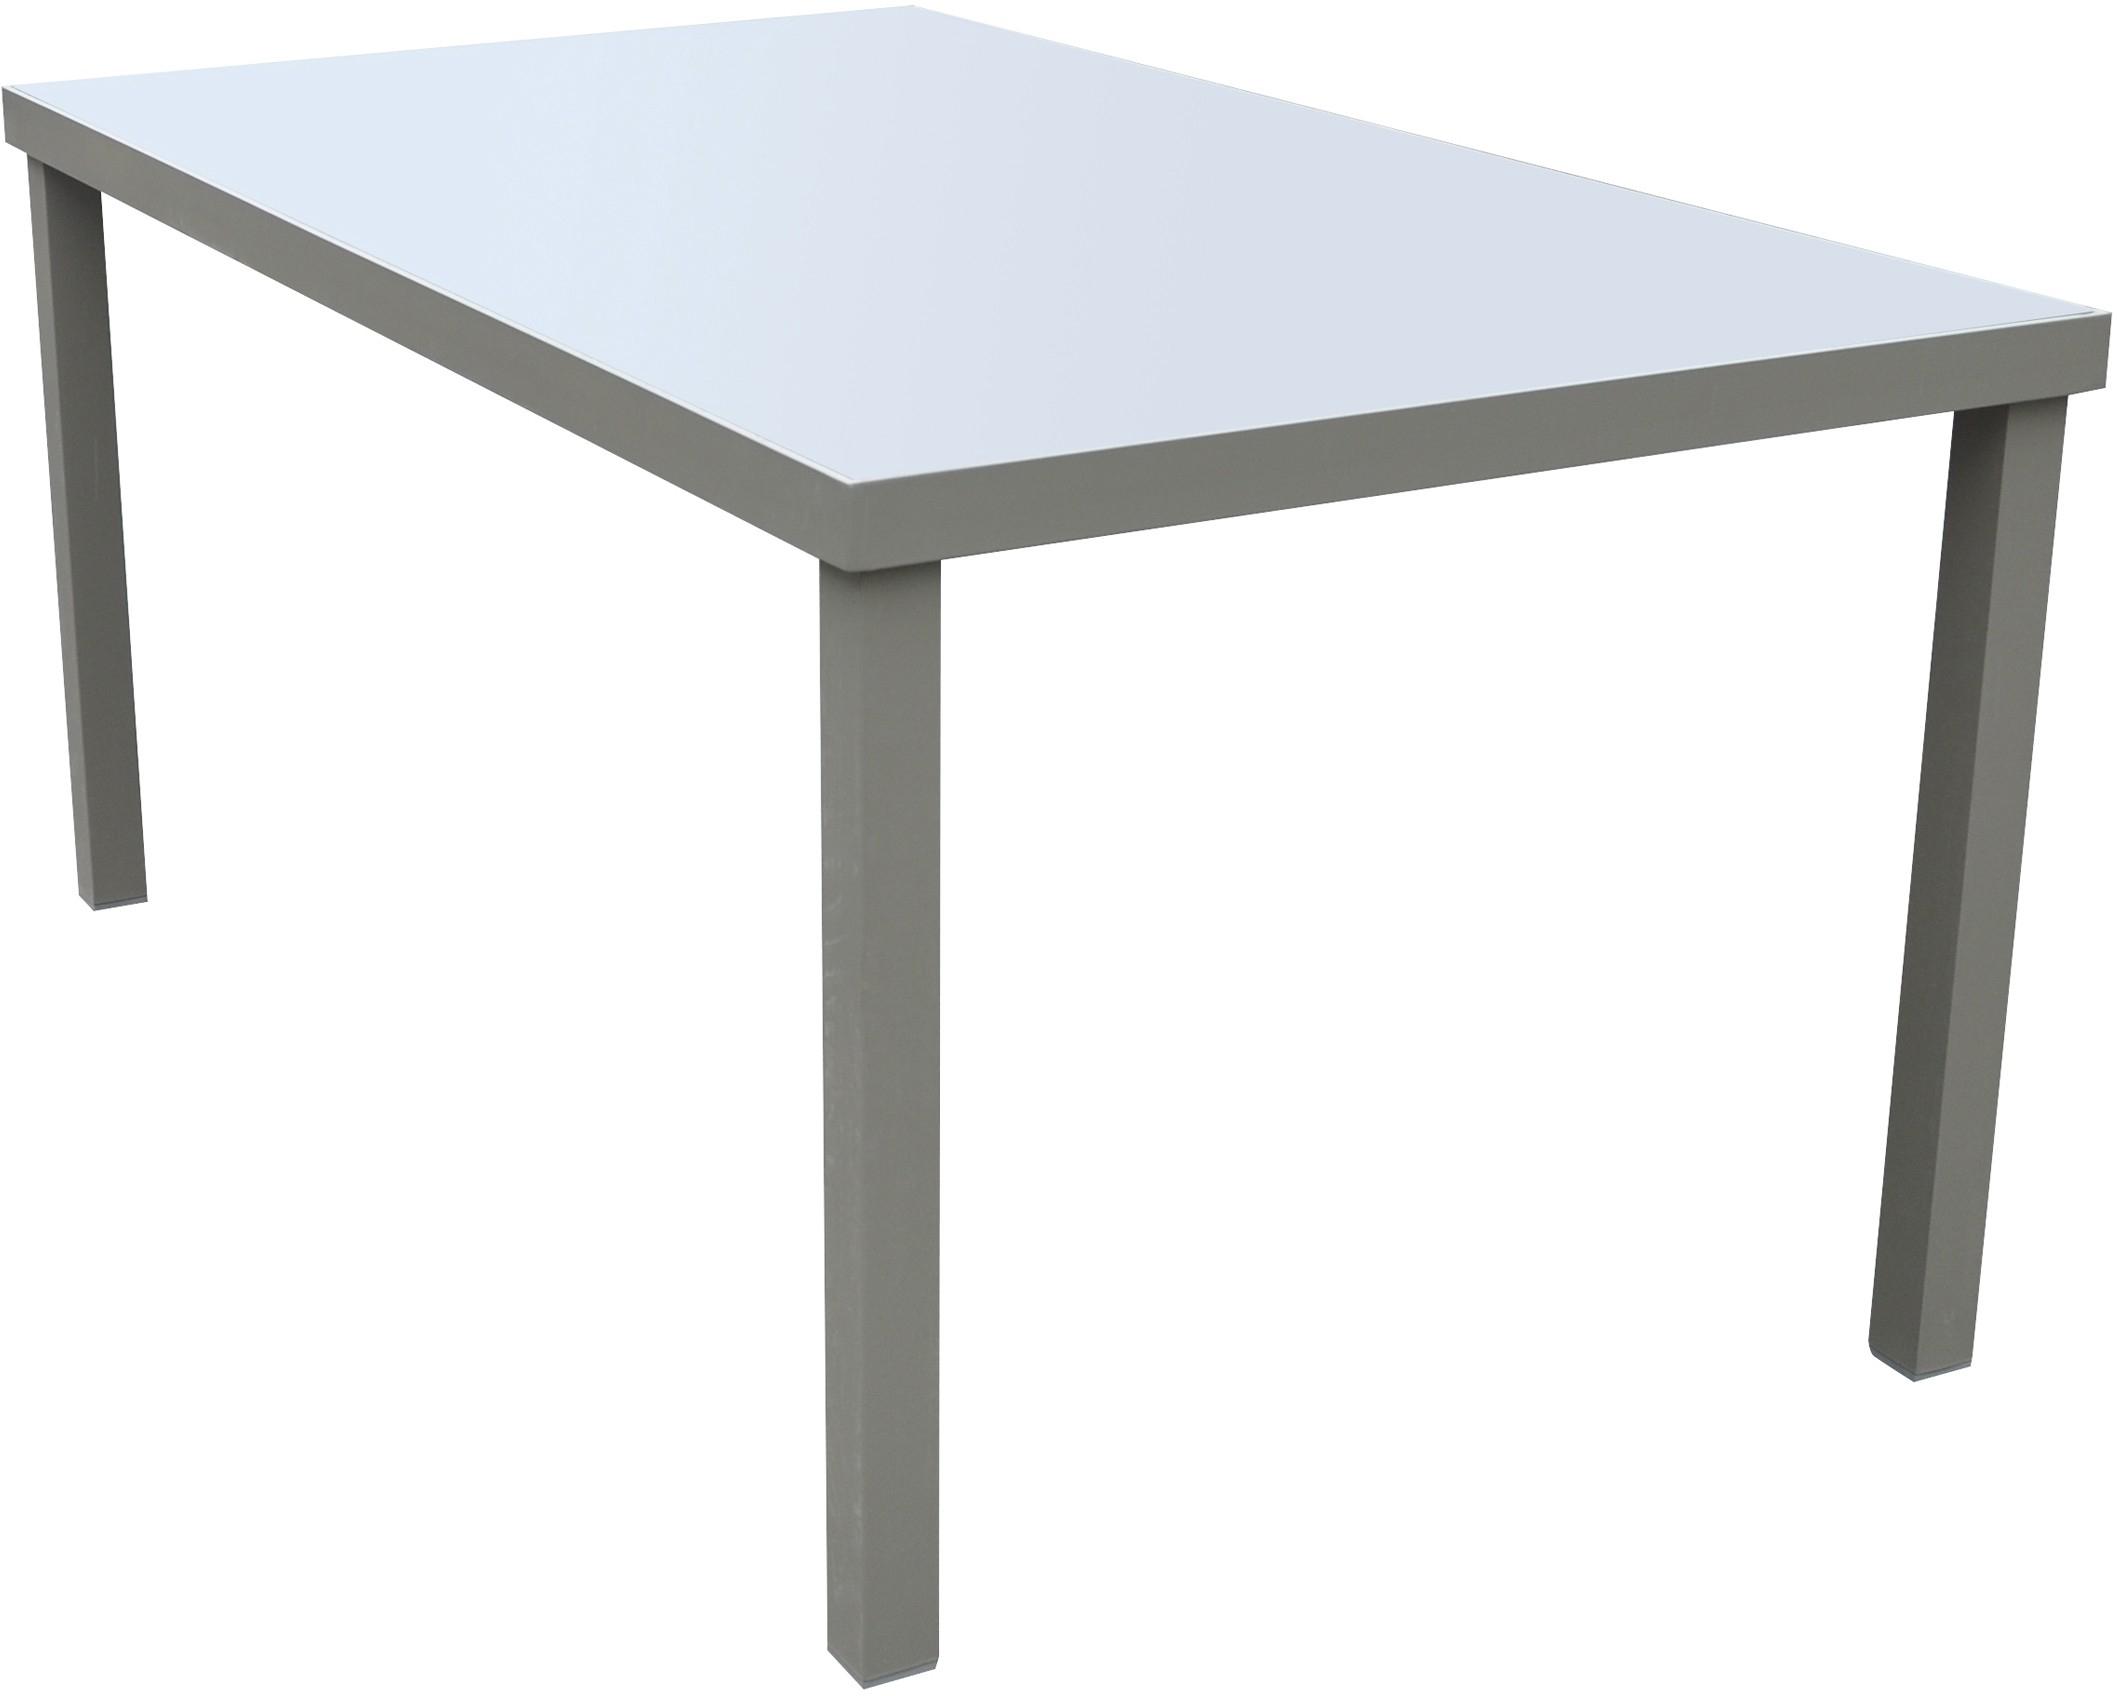 Fornord Table De Jardin Alu/verre Gris/noir L.160 X L.90 X H.75 Cm - Hyper  Brico dedans Table De Jardin Aluminium Et Verre